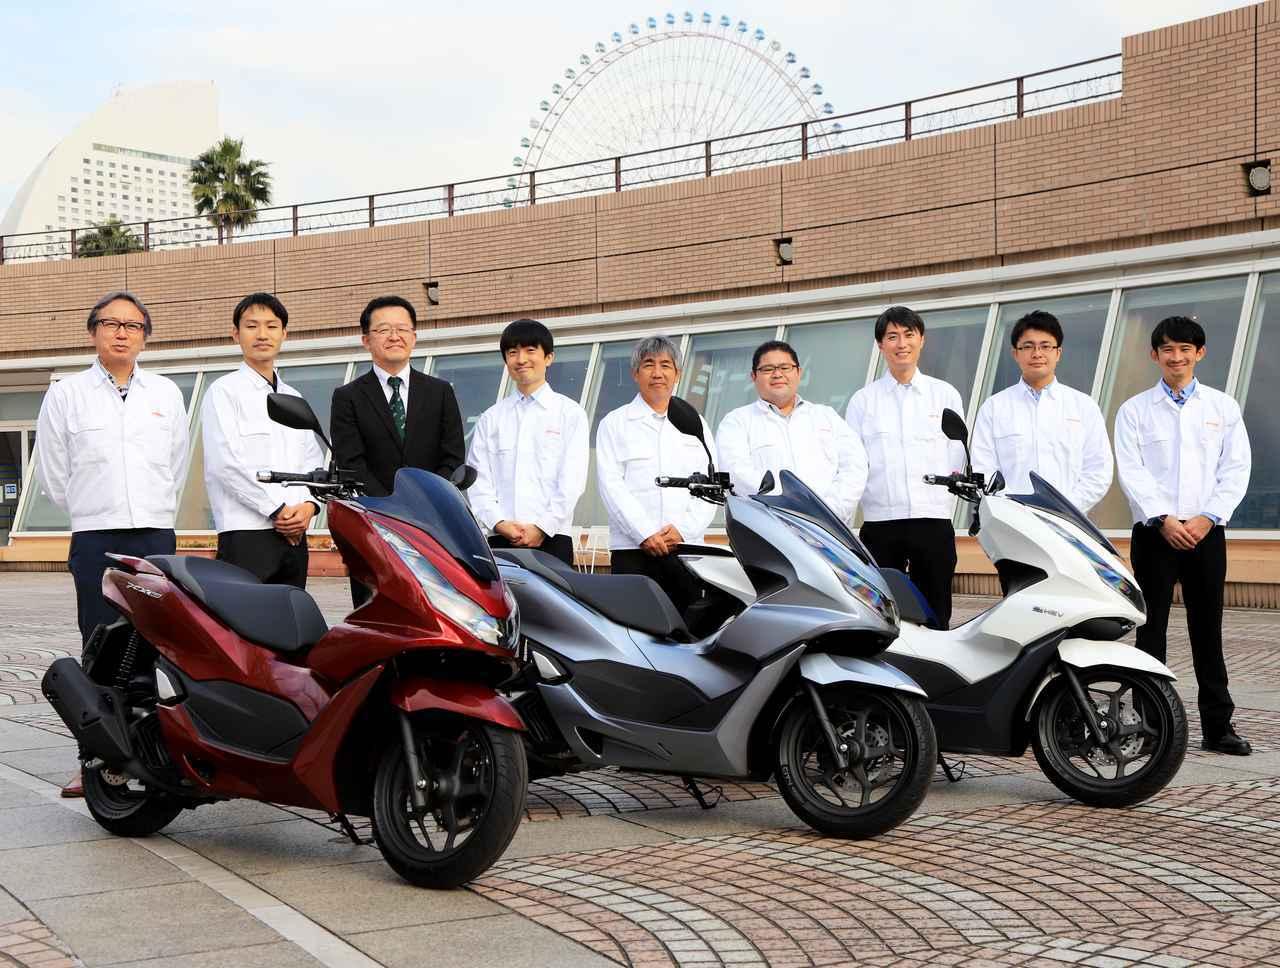 画像: 【開発者インタビュー】新型「PCX」シリーズ- webオートバイ